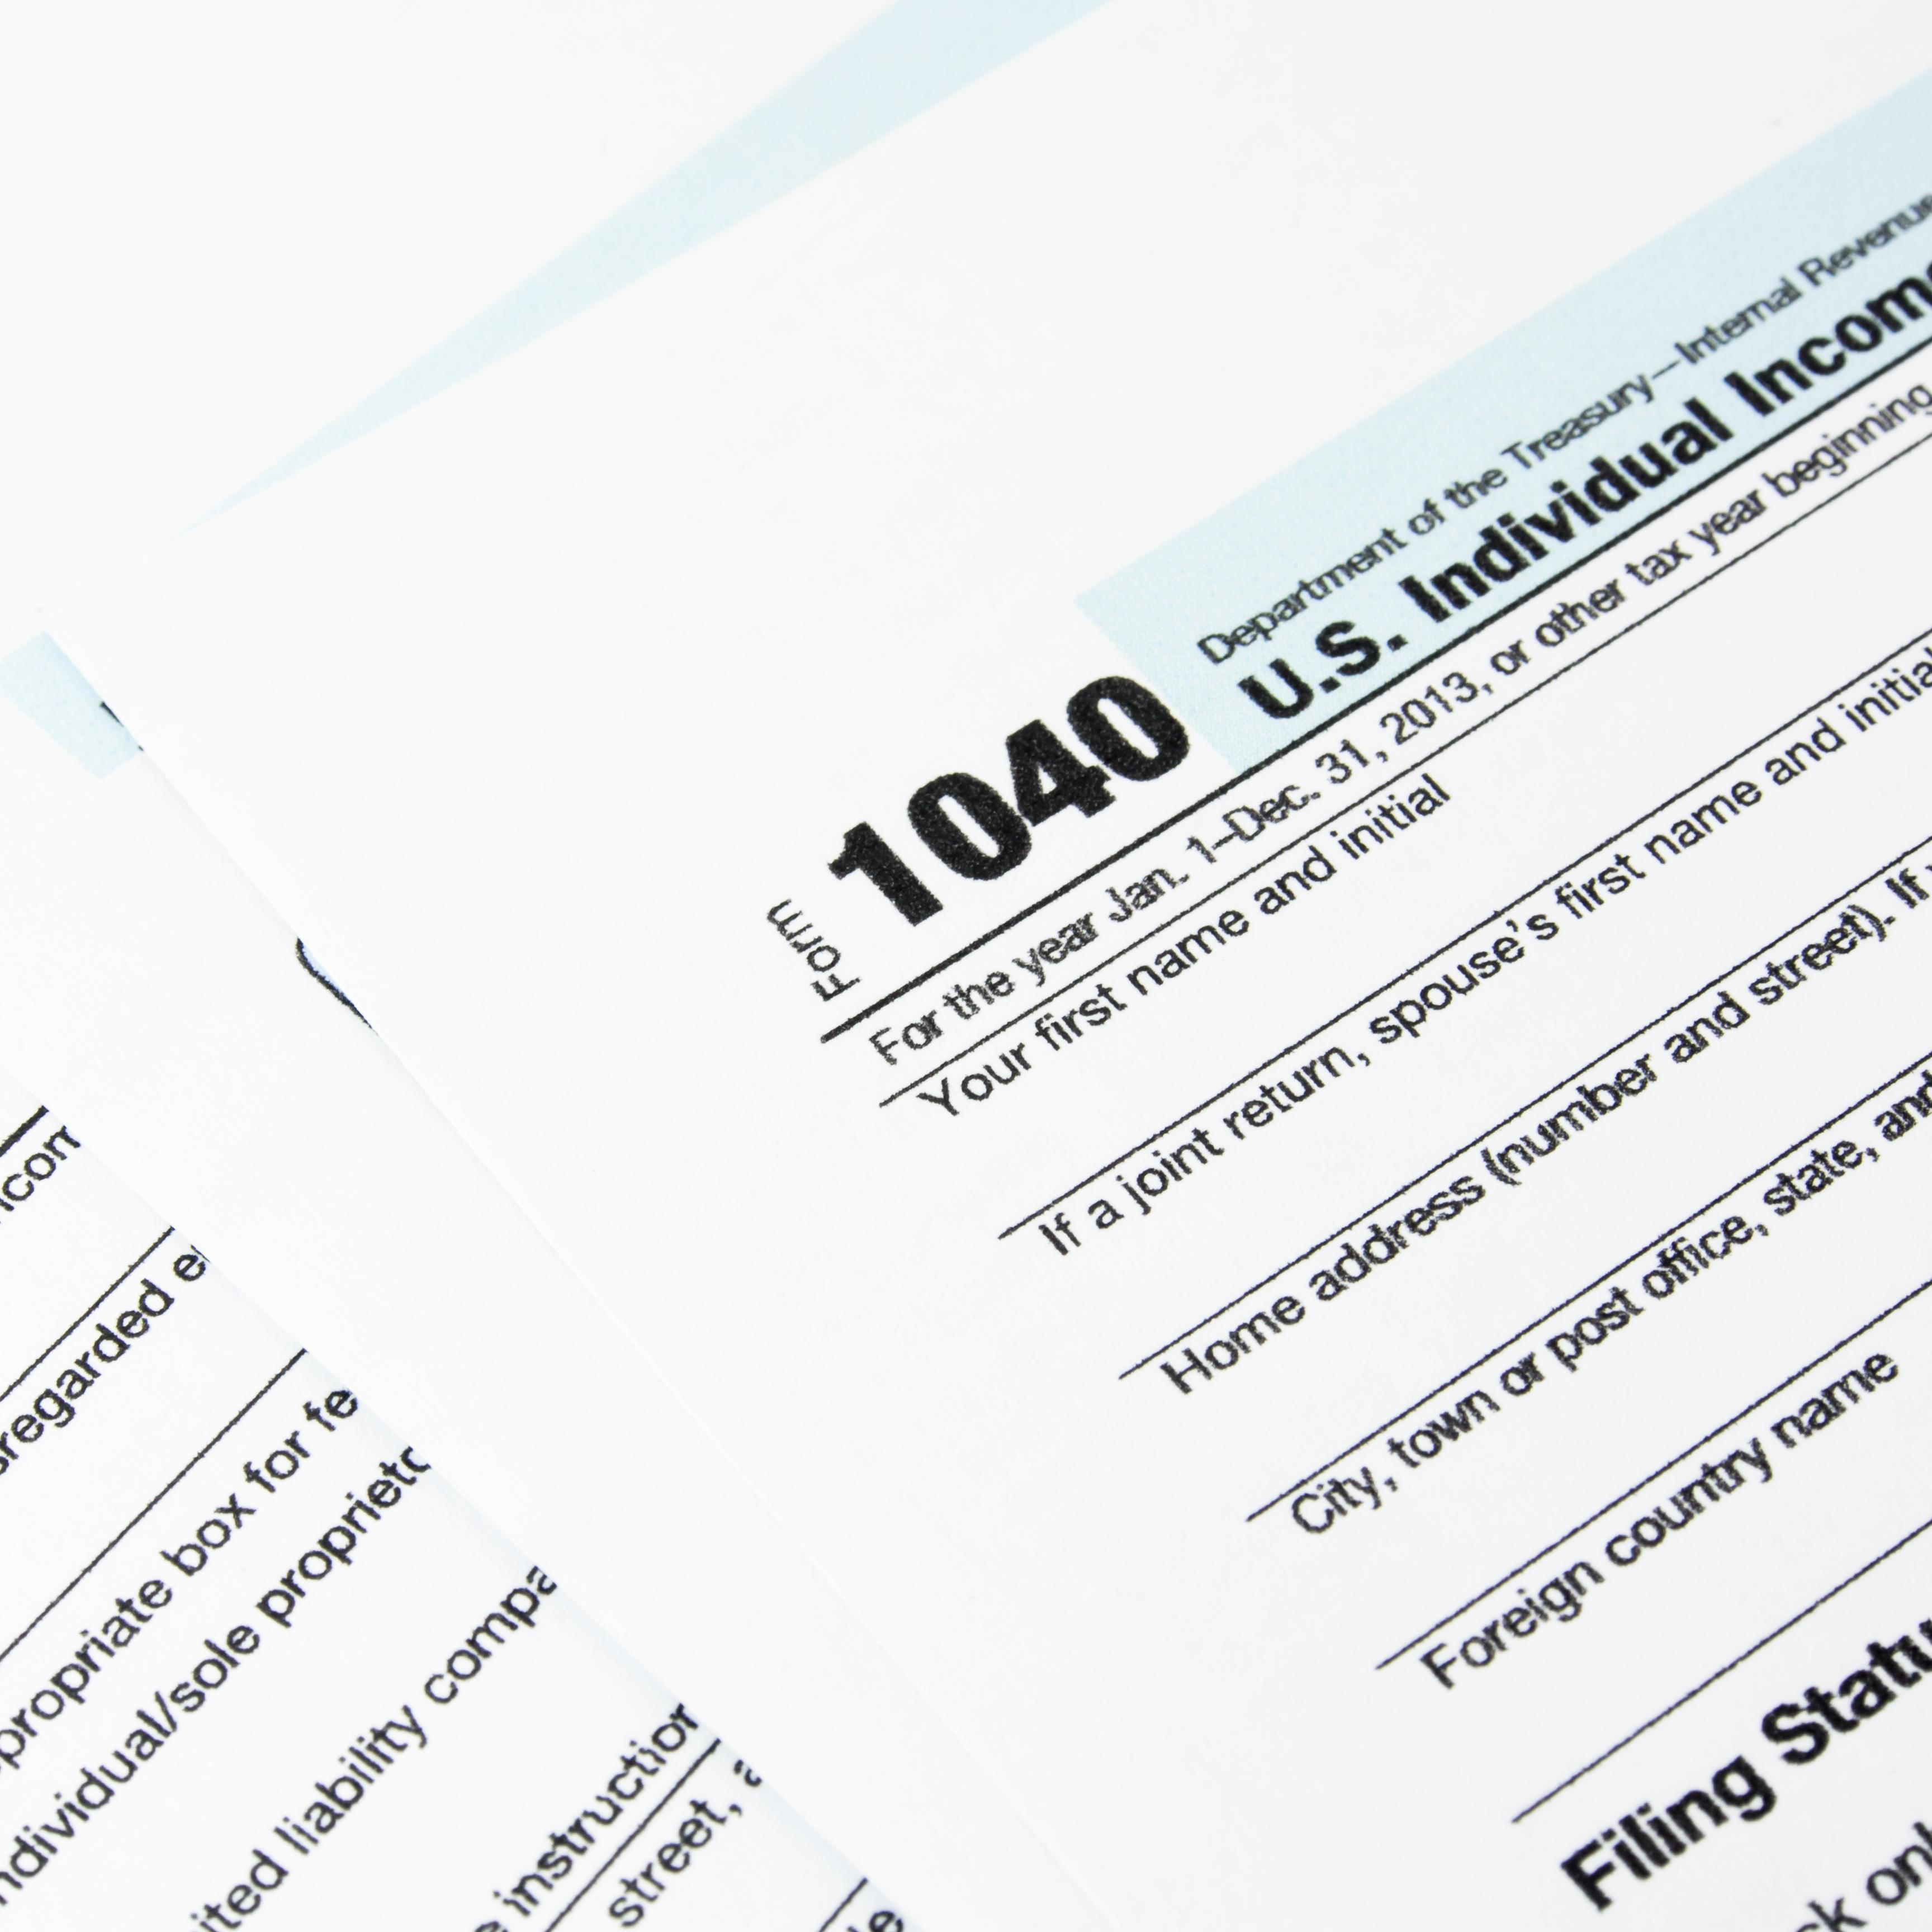 Form 4868 E File Business how to write a speech essay ...